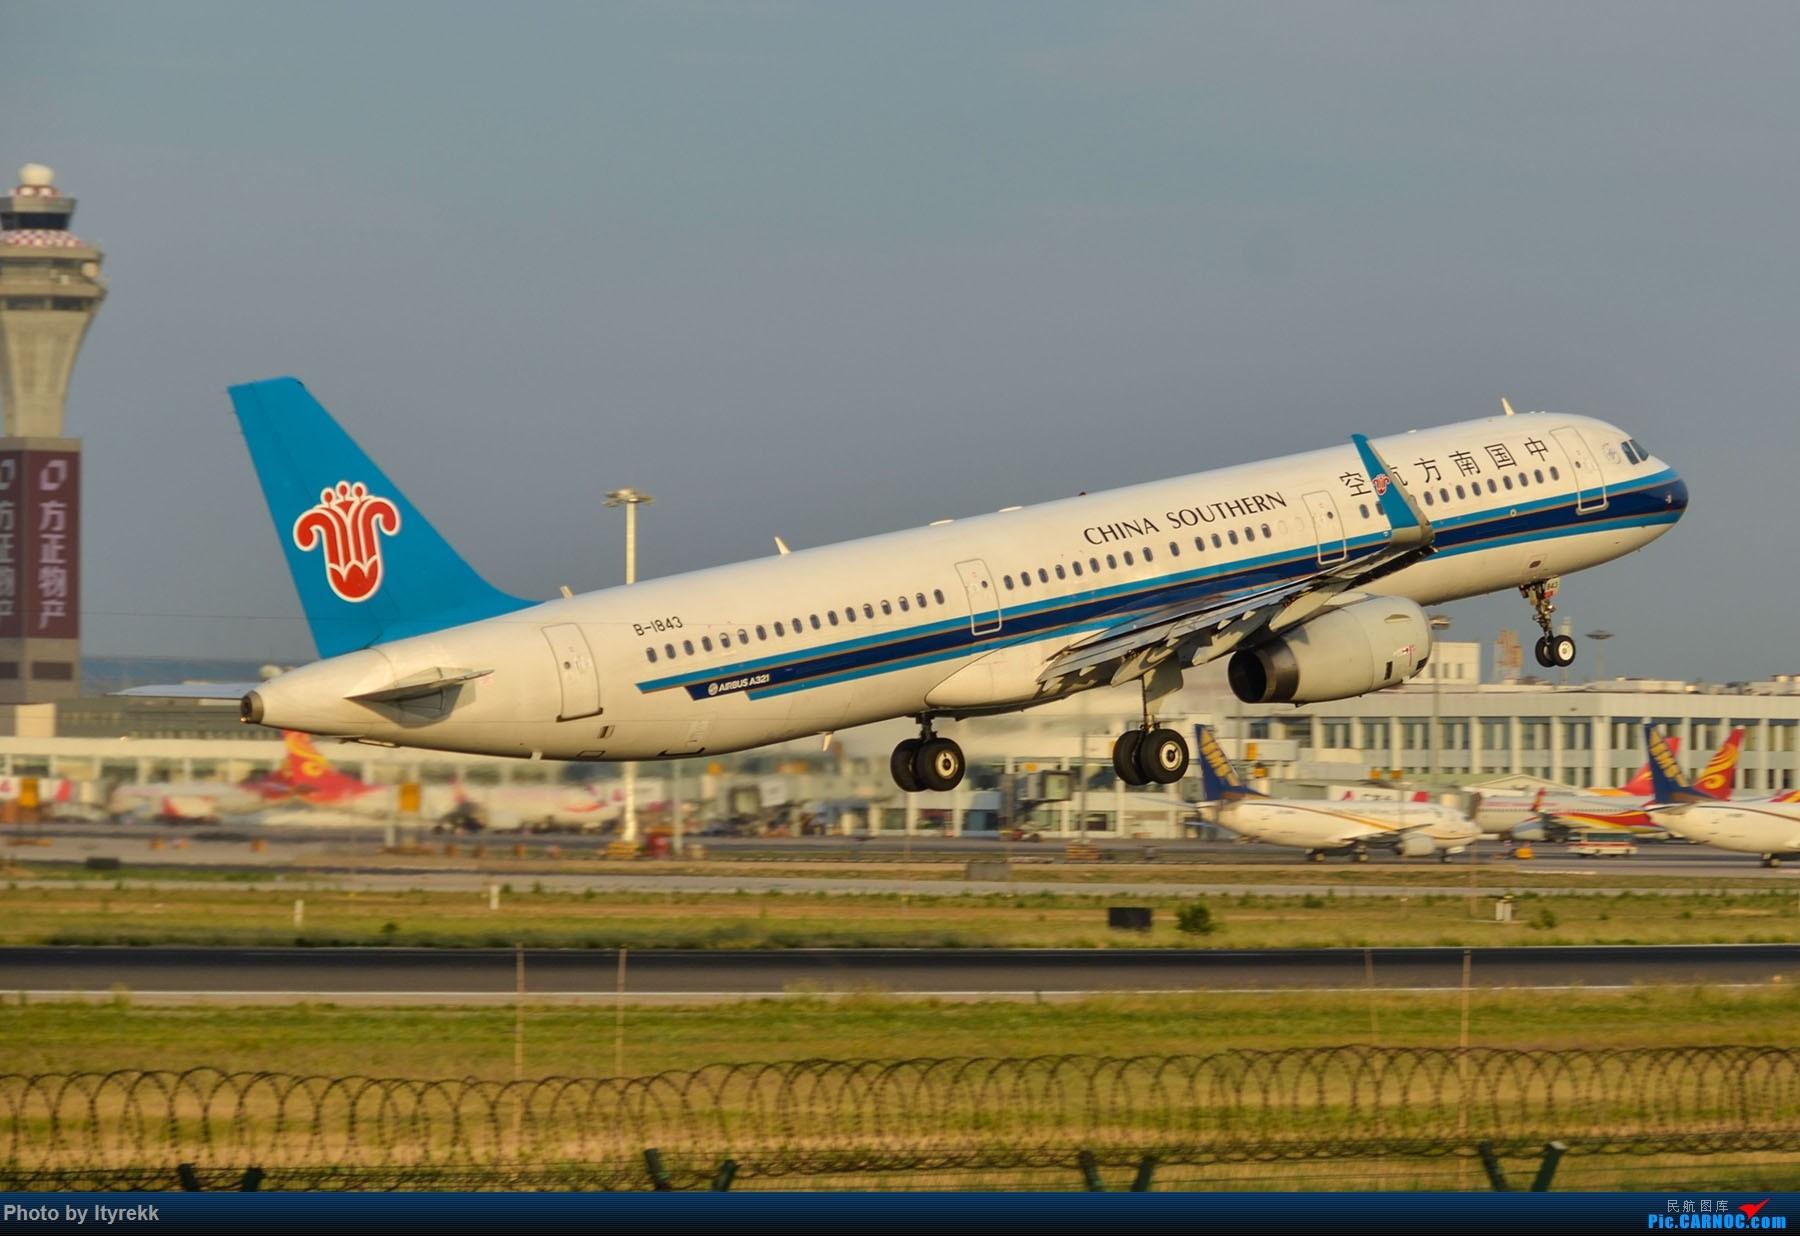 Re:[原创]很久没有发图了。PEK二十里铺的一下午 AIRBUS A321-200 B-1843 中国北京首都国际机场